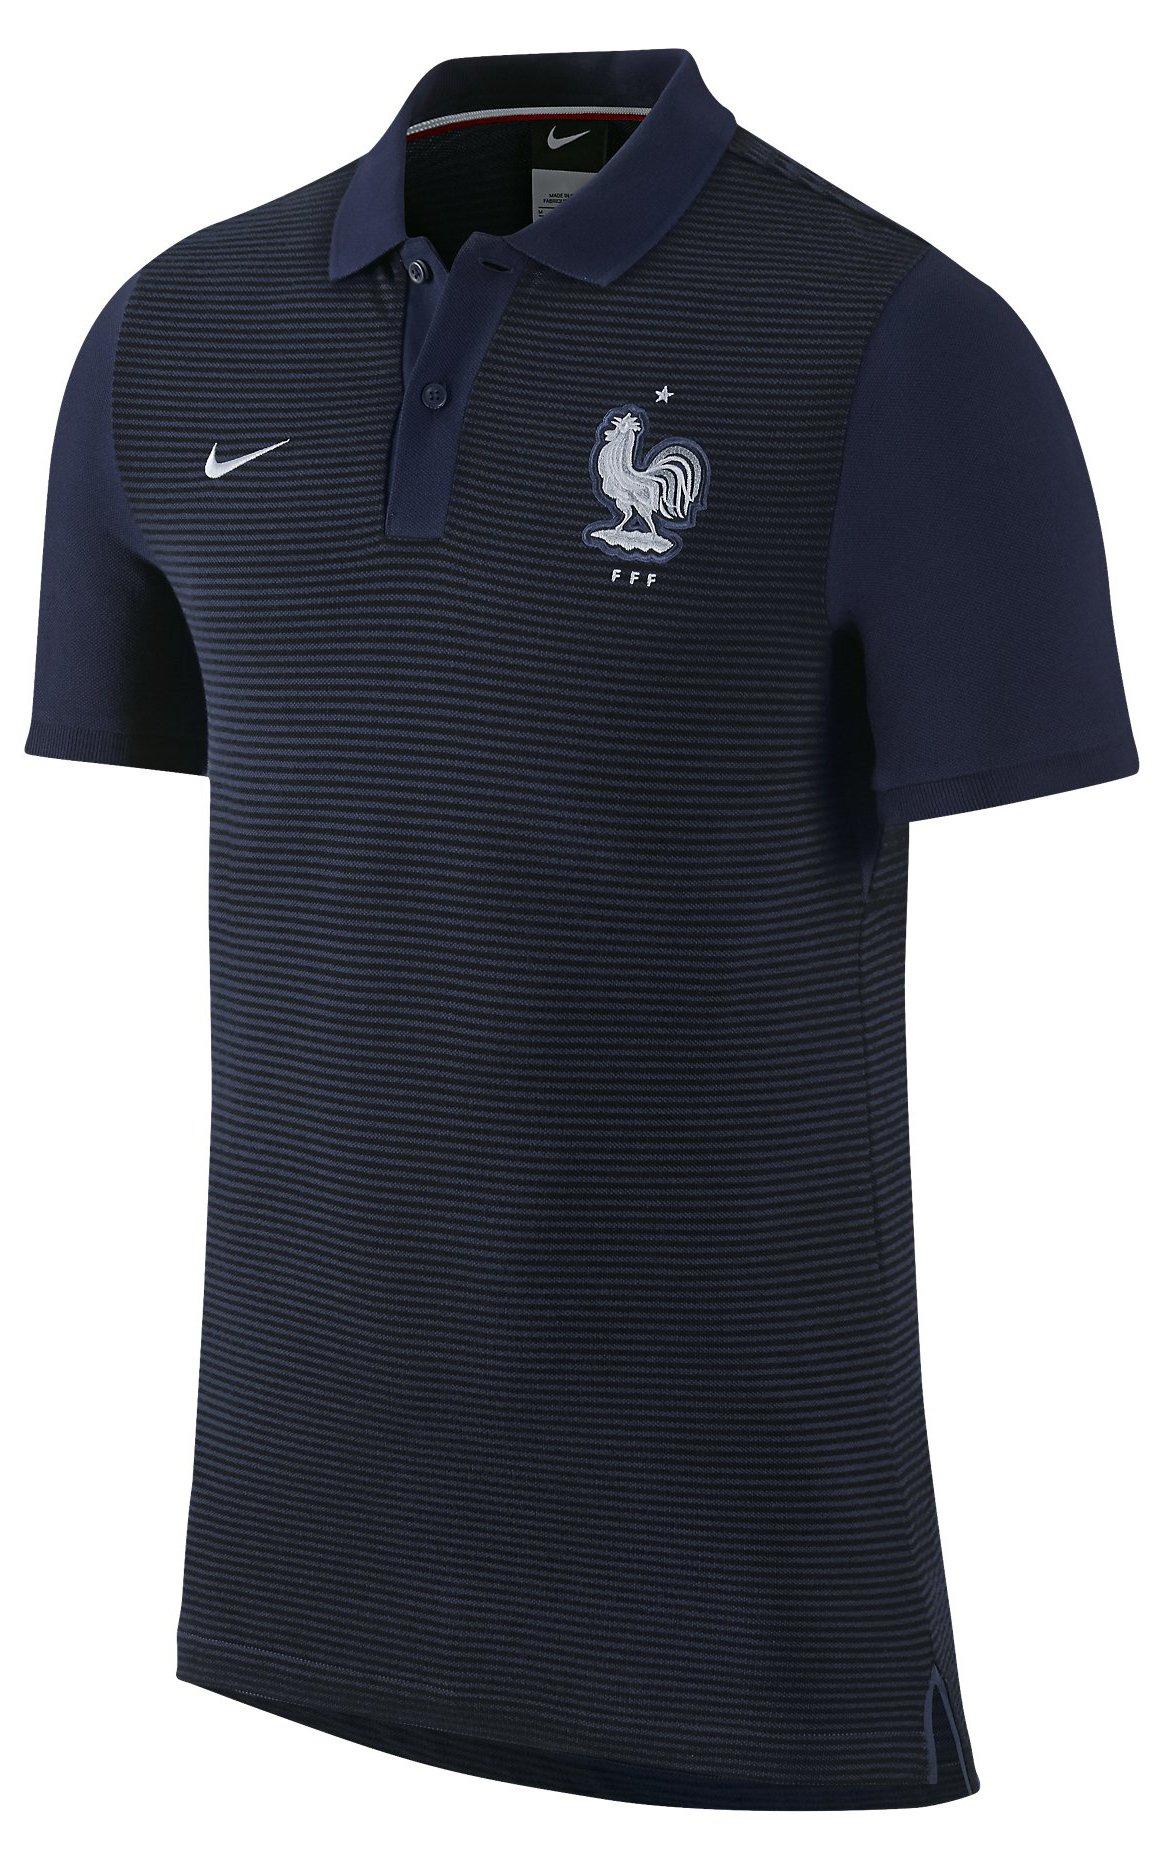 Polokošile Nike FFF AUTH GS SLIM POLO